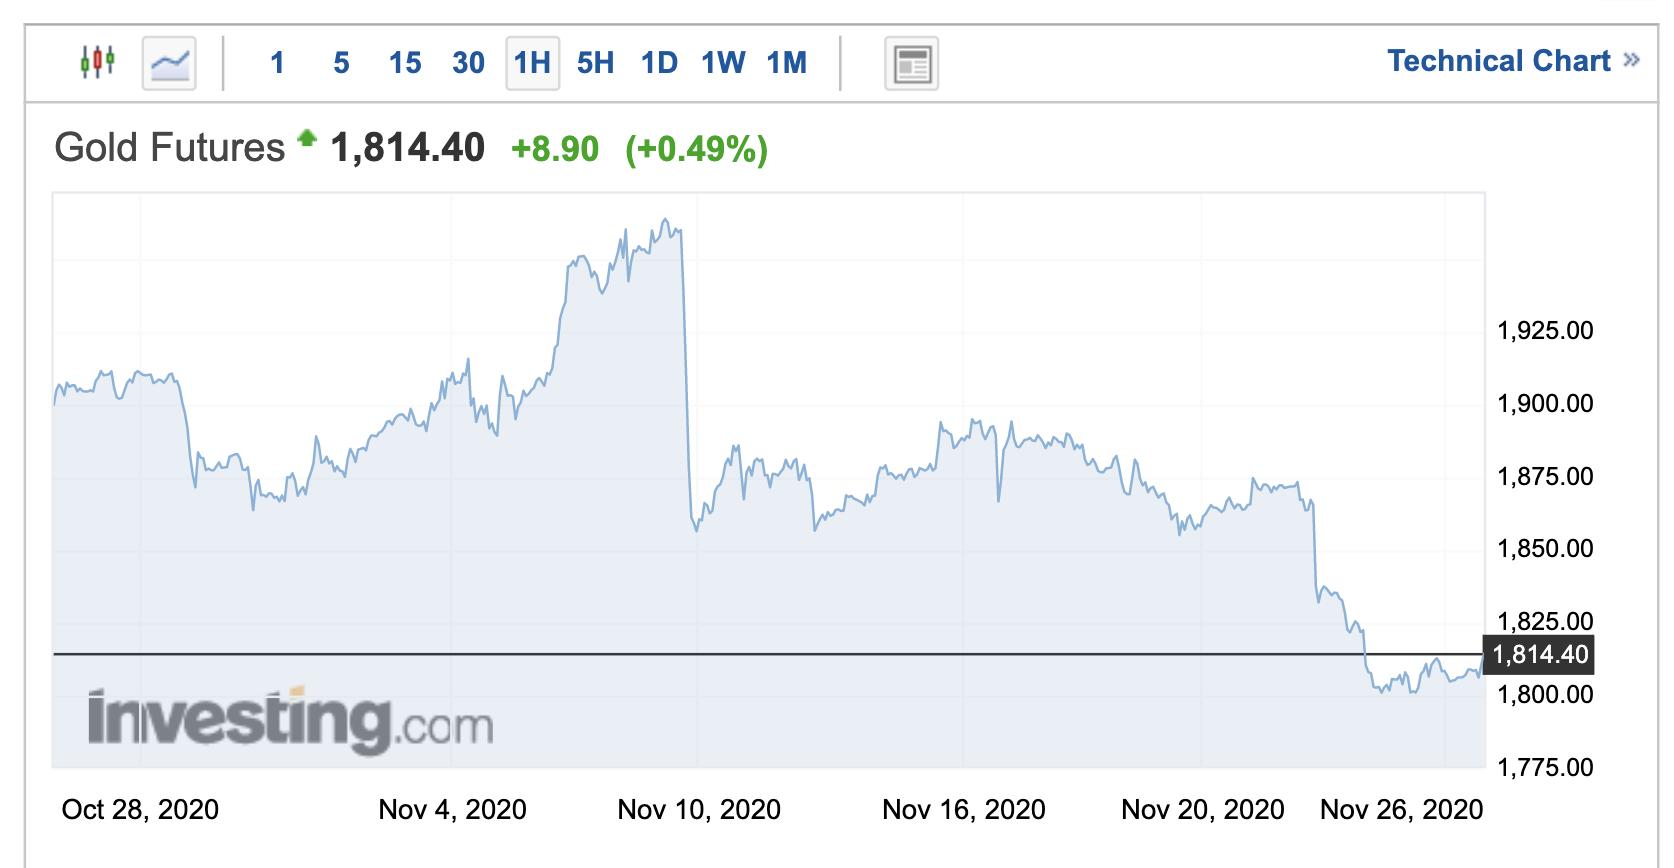 Giá vàng liên tục lao dốc: Cơ hội mua vào cho các nhà đầu tư? - Ảnh 1.